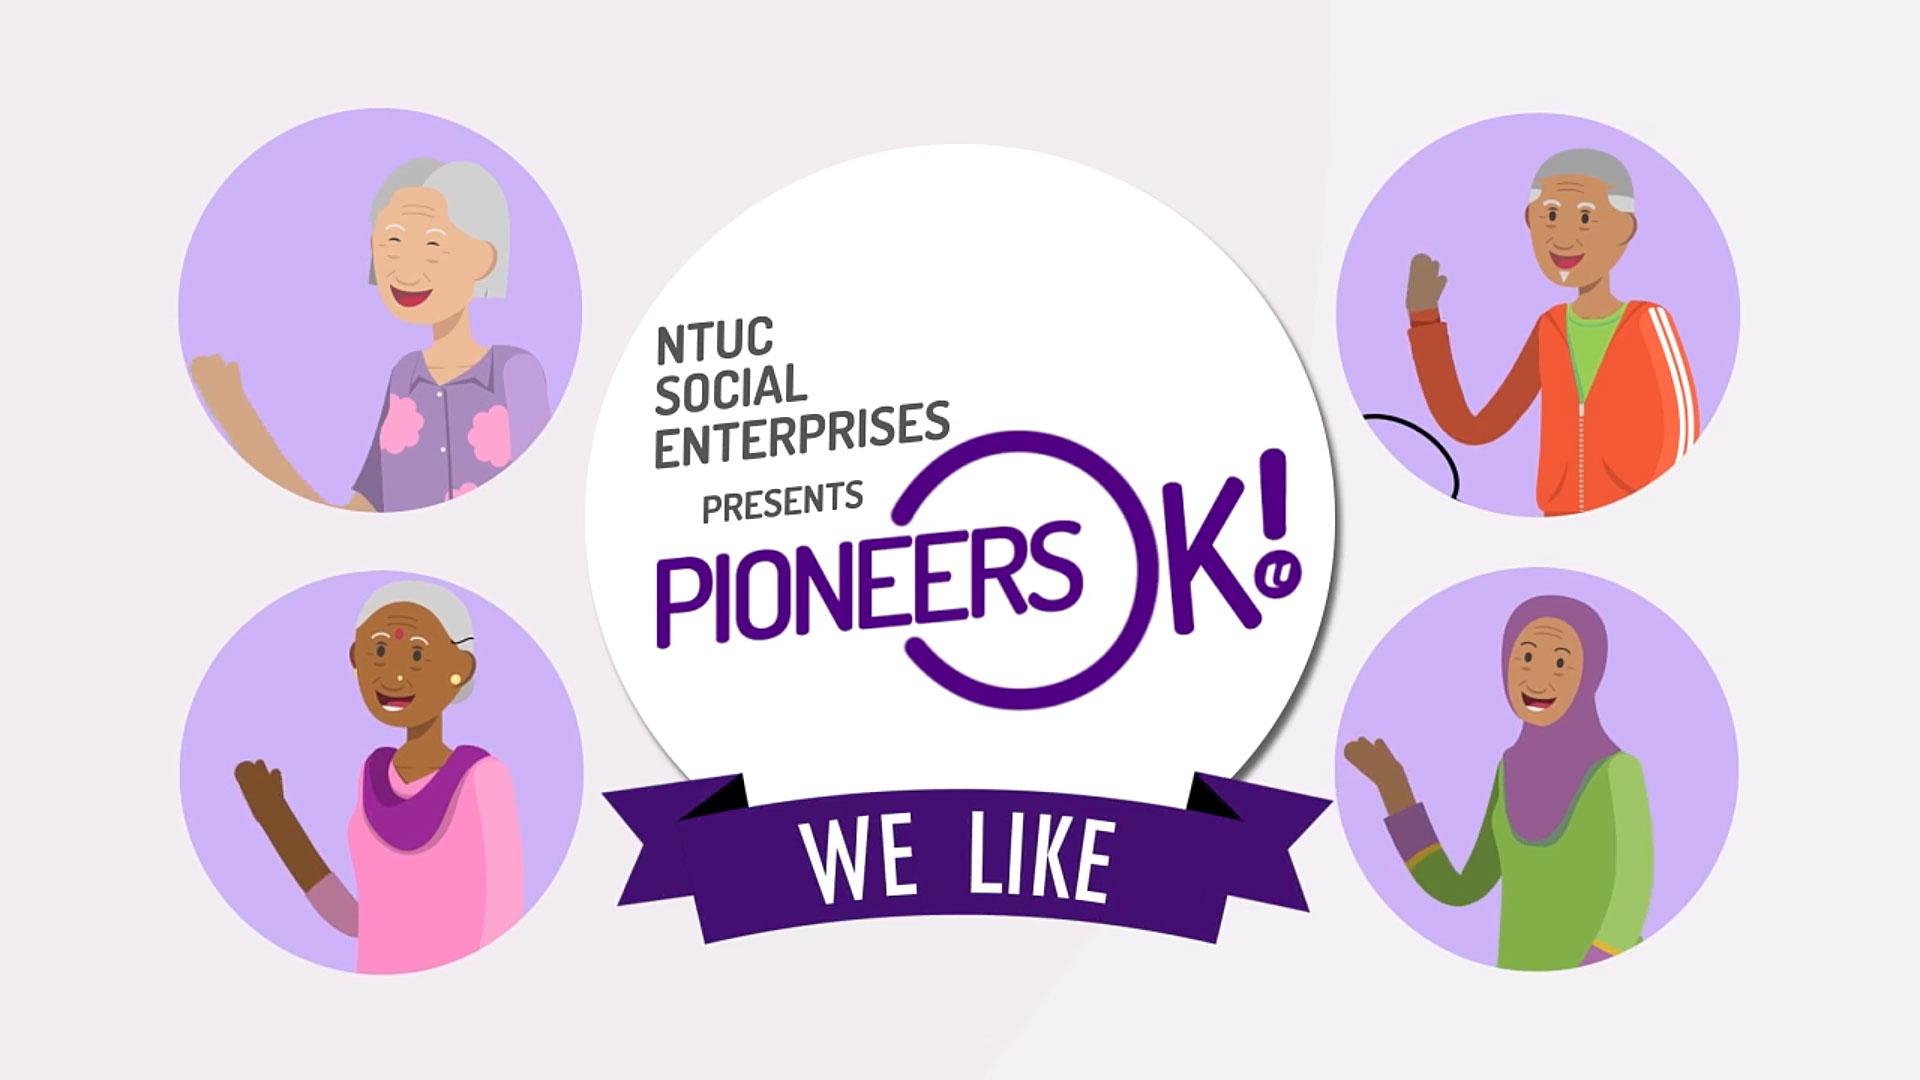 'PioneersOK!' Explainer Animation